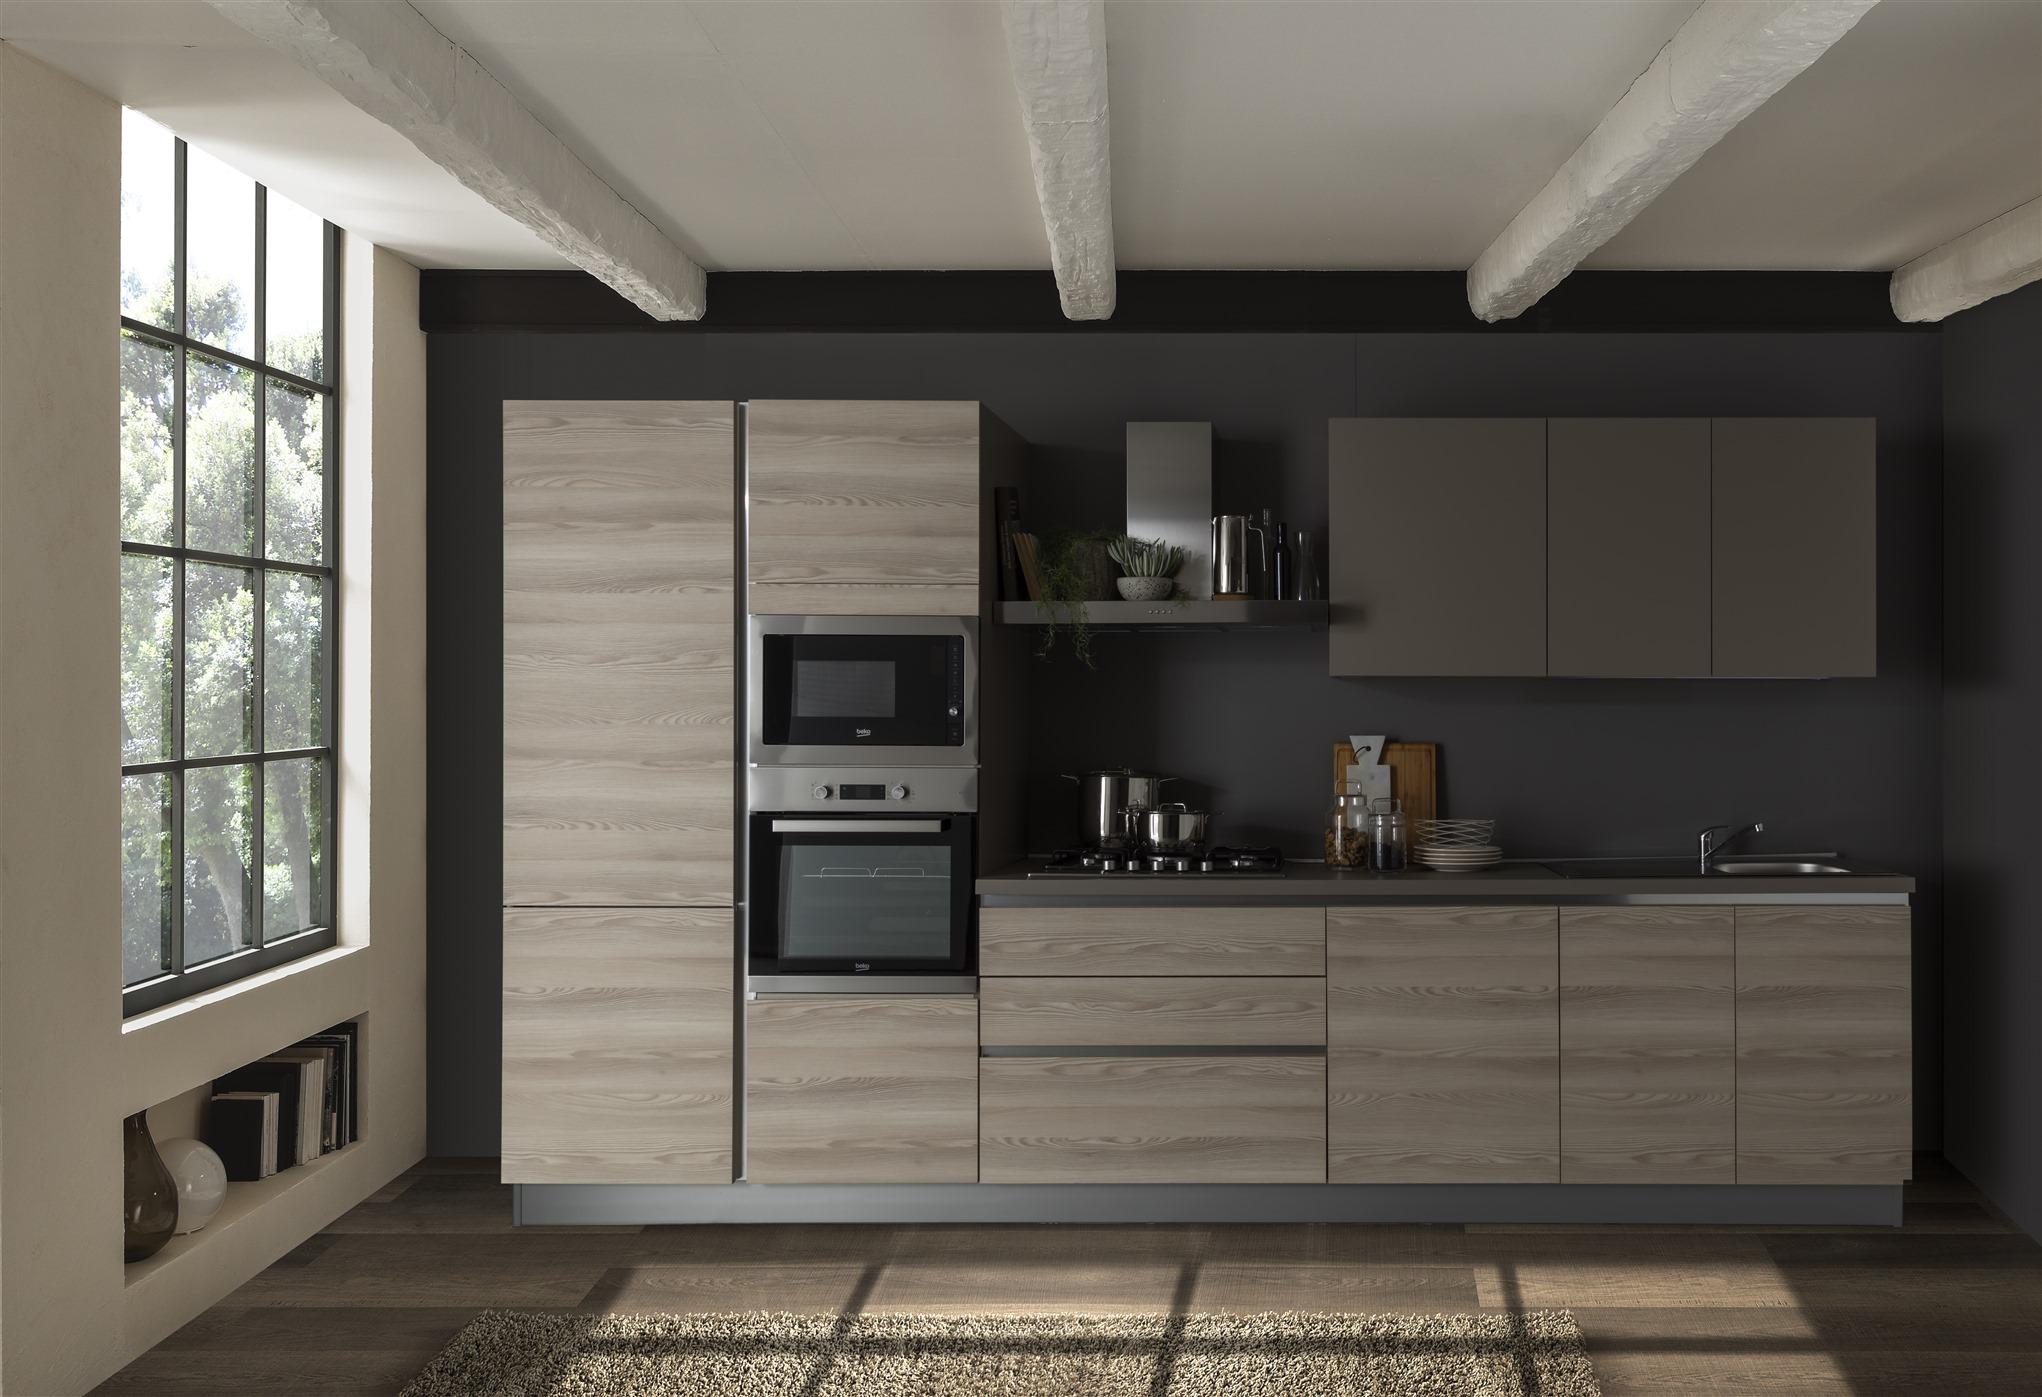 Offerte Cucine Moderne Napoli.Cucina Delizia Micro